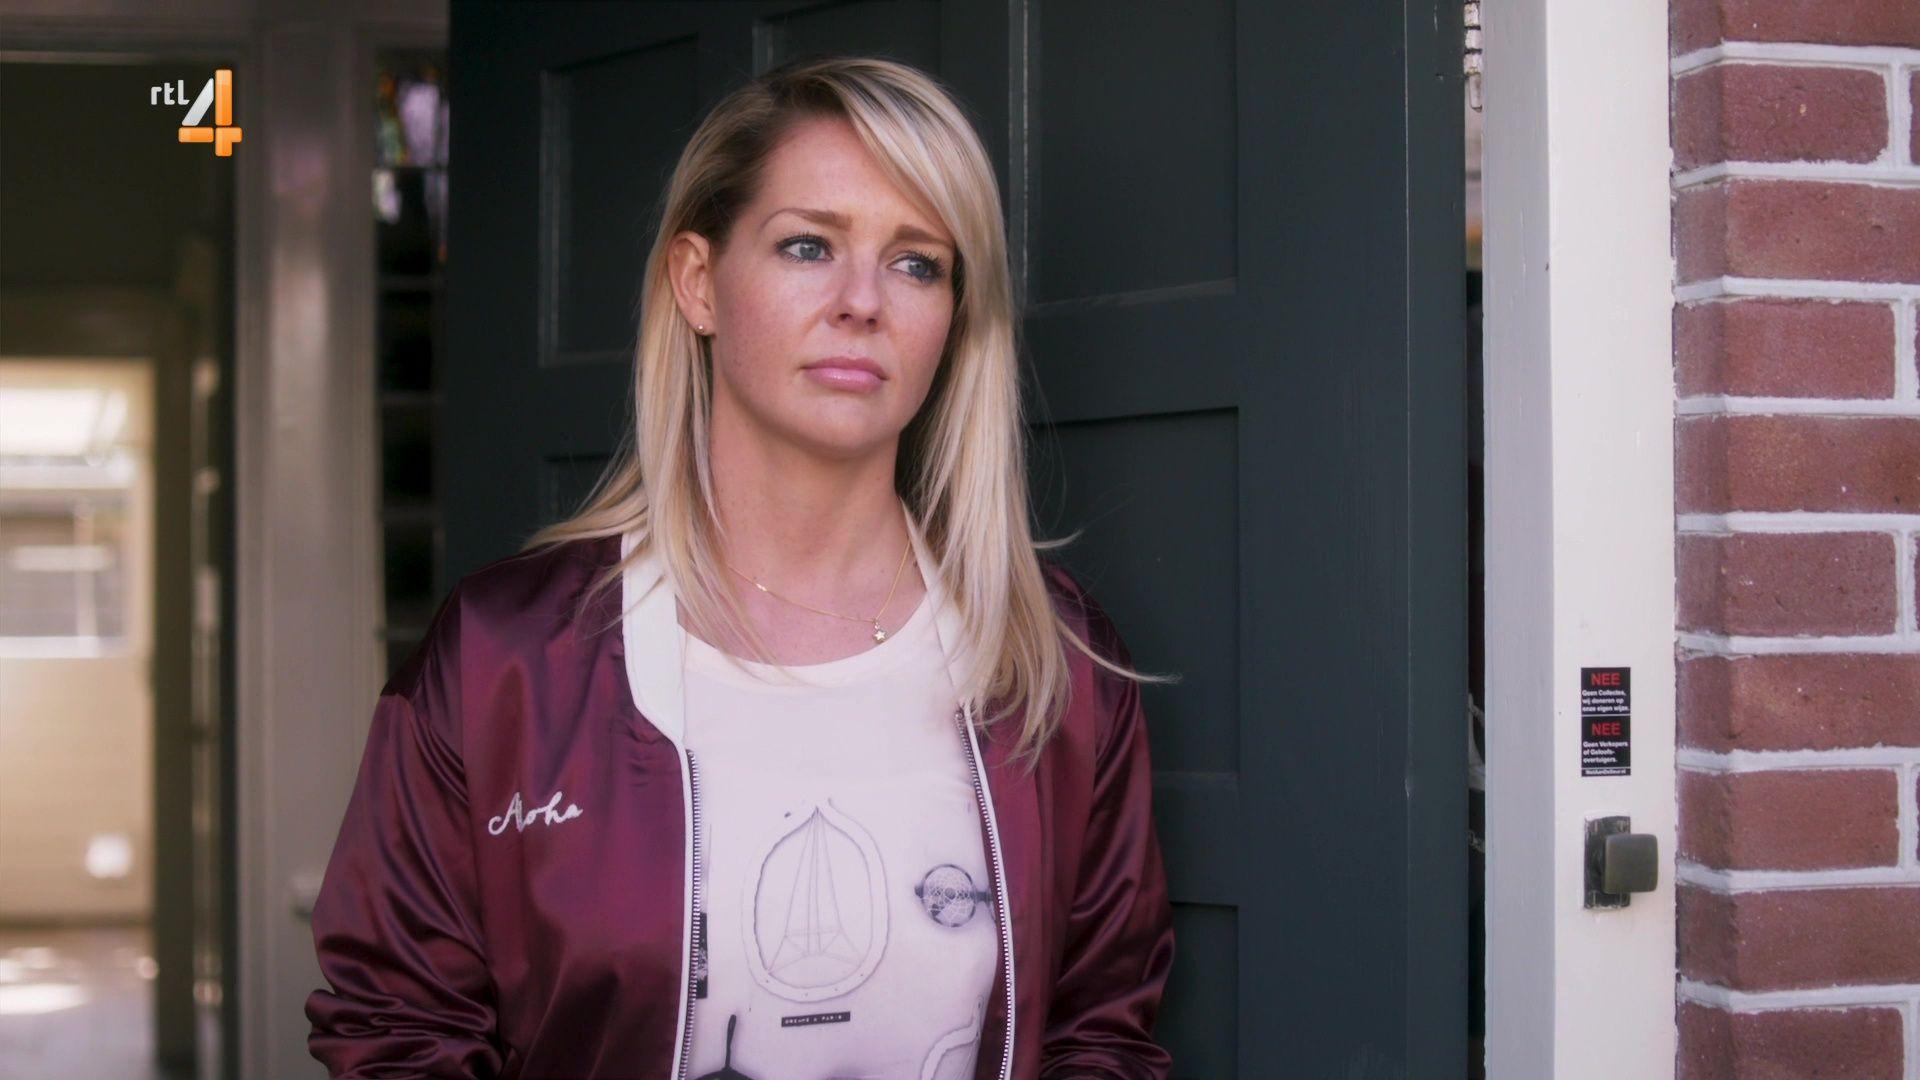 Chantal Janzen Dutch Celeb Tv Host Musical Actress